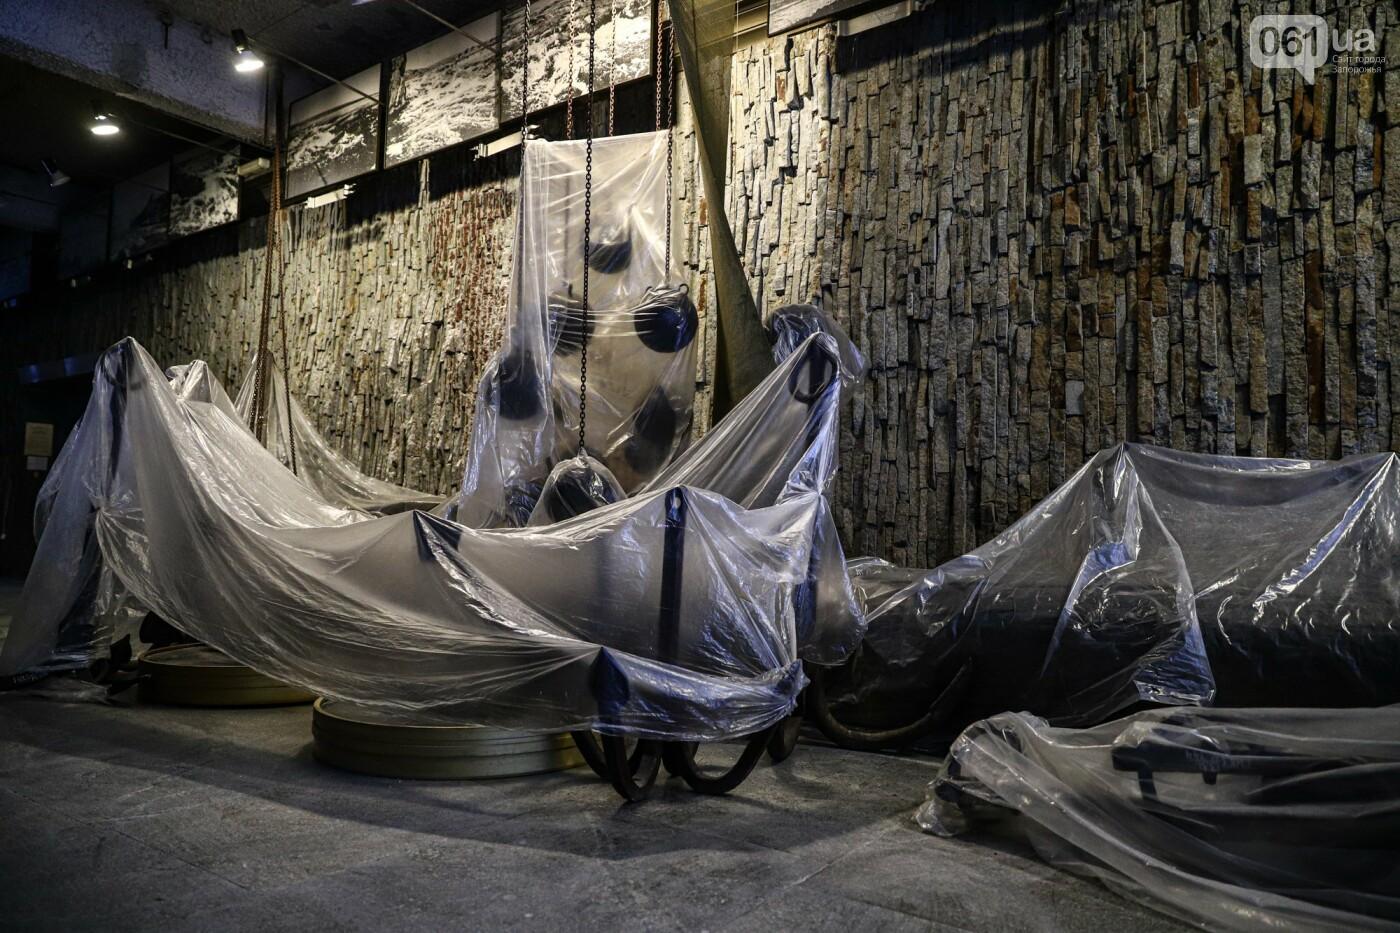 Музей истории запорожского казачества в ожидании реконструкции: как сейчас выглядит аварийное здание, - ФОТОРЕПОРТАЖ, фото-40